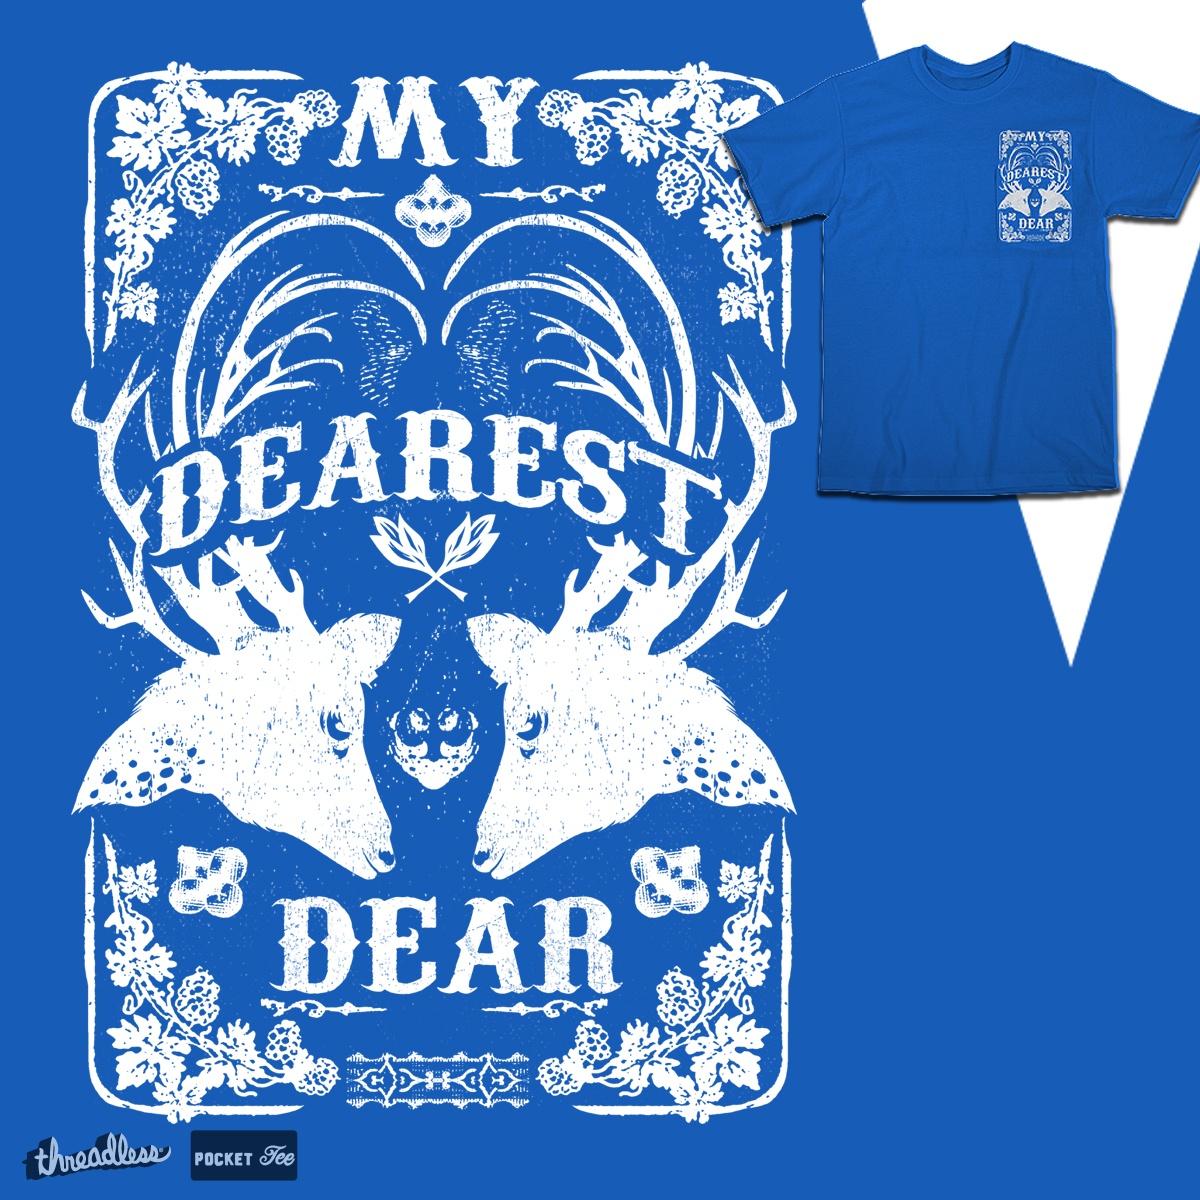 Dearest Deer by DalemyMan on Threadless